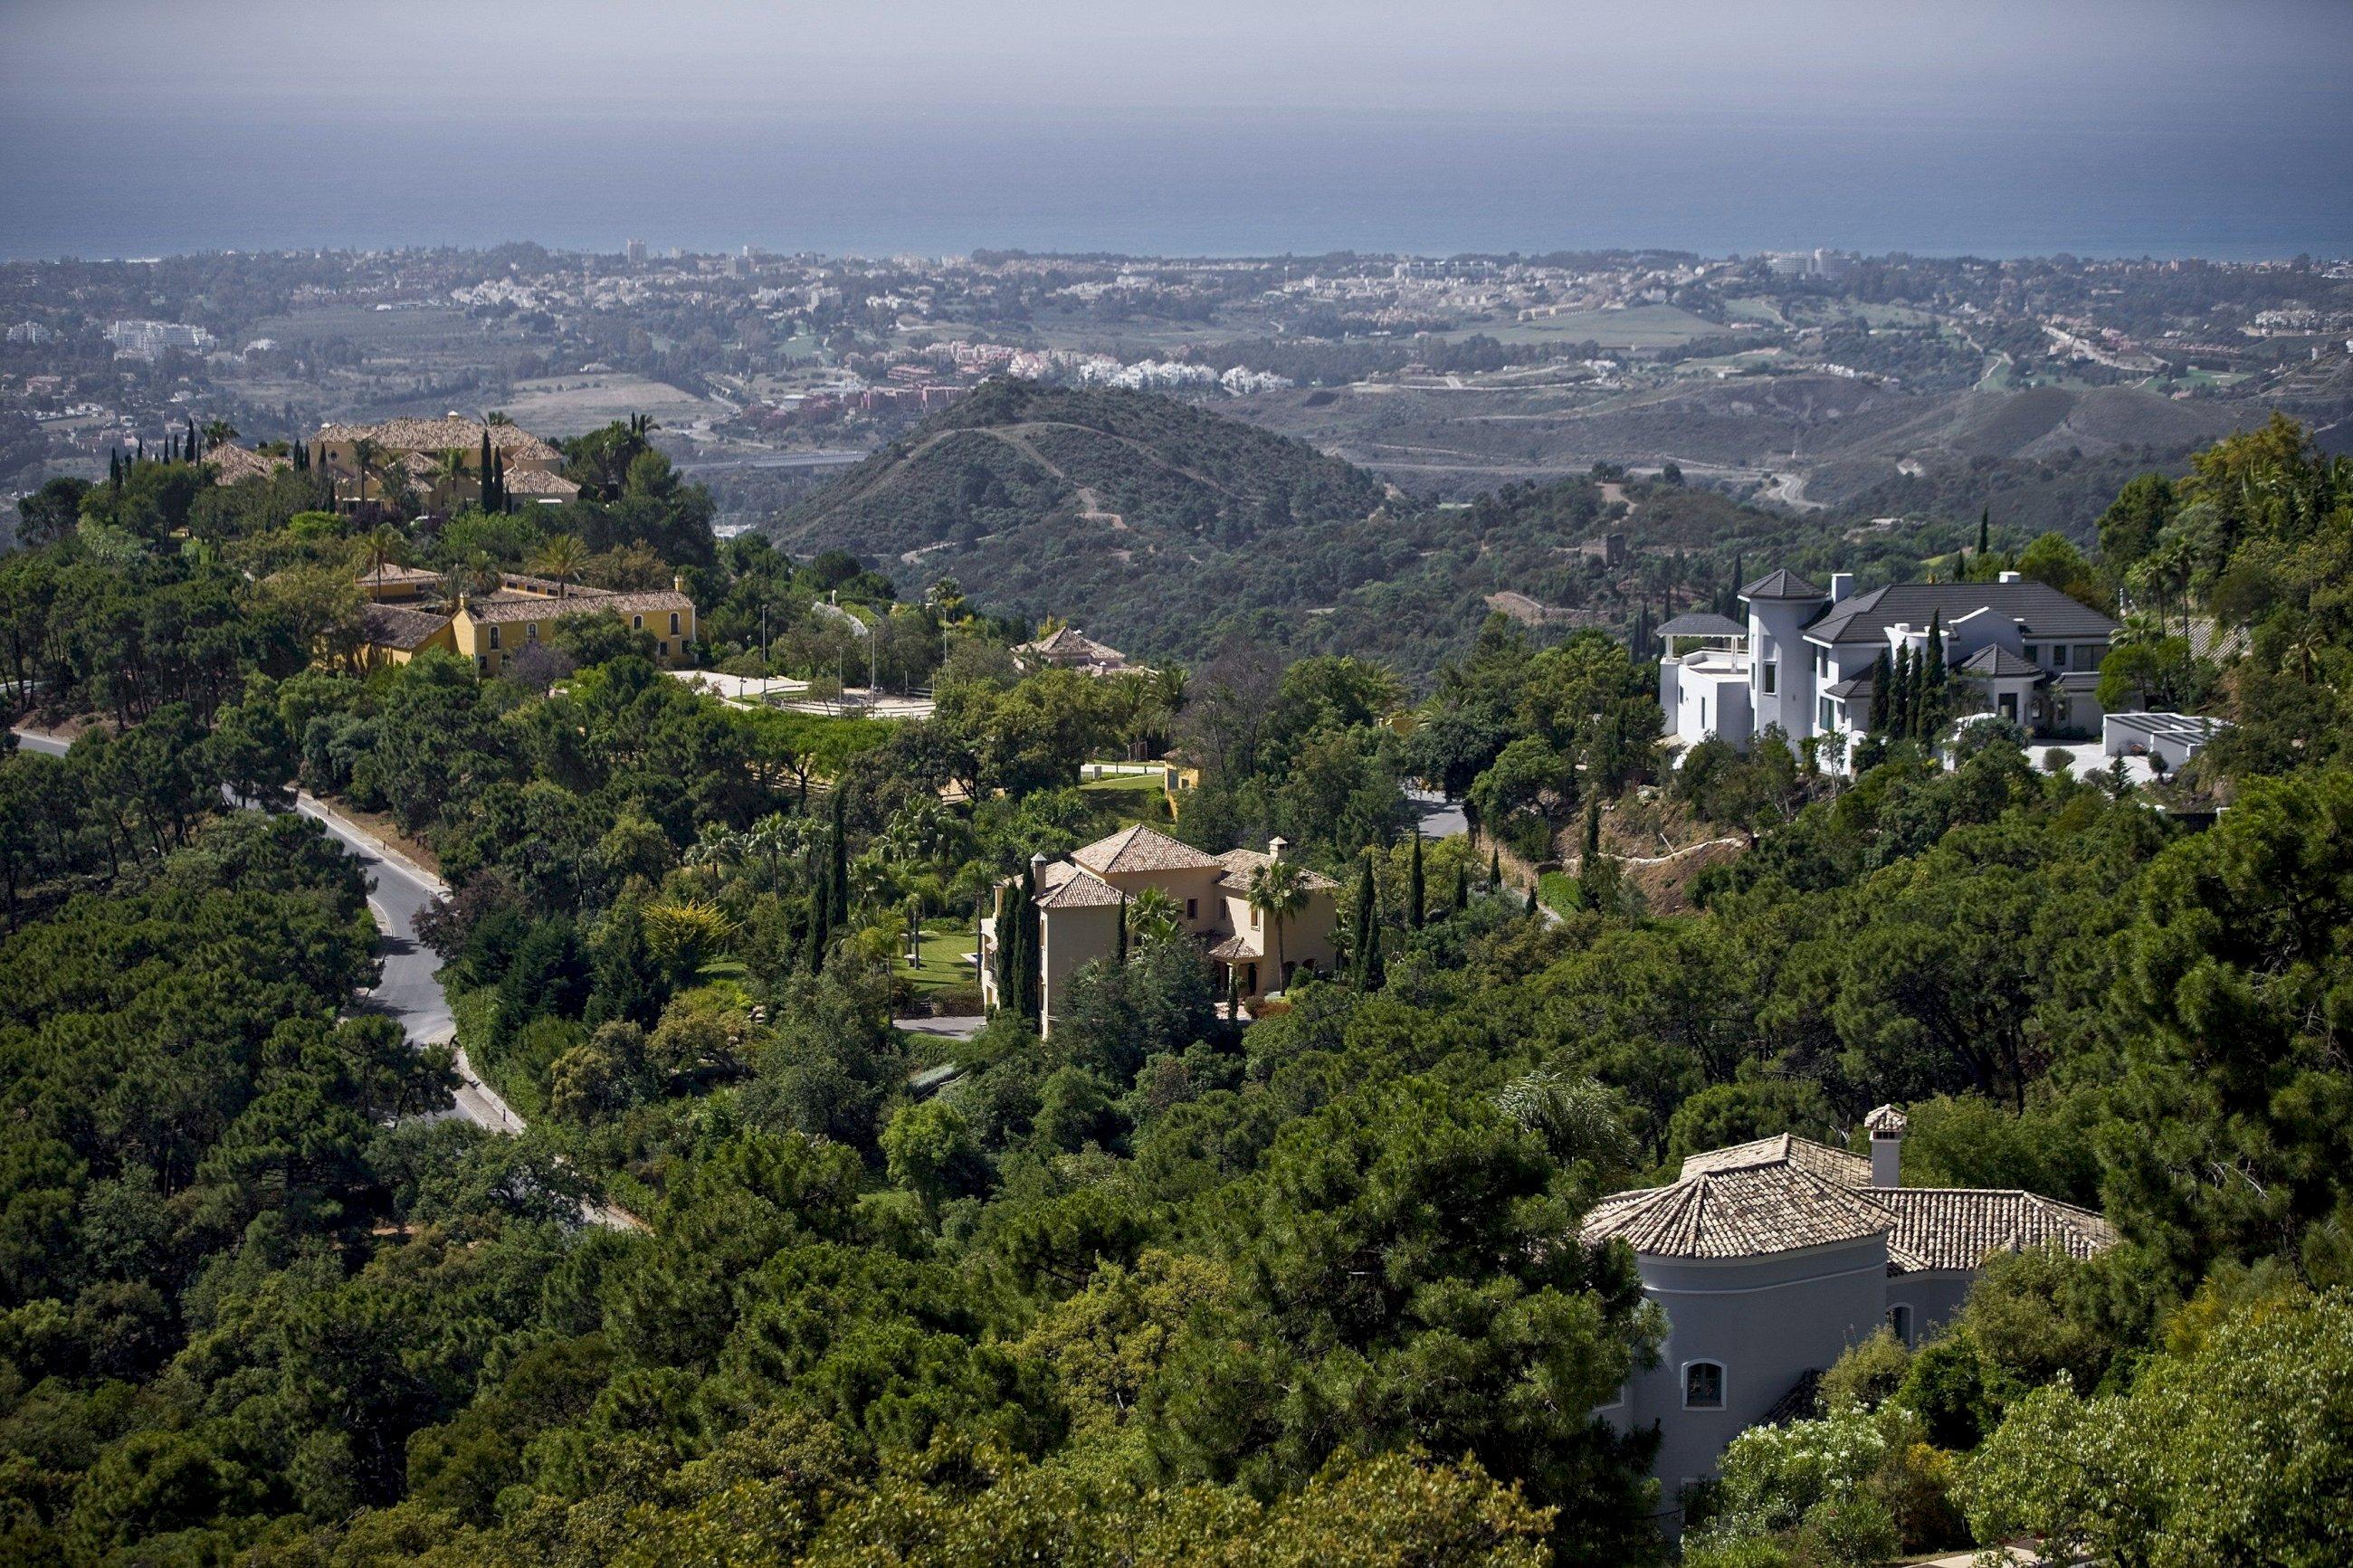 Las inmobiliarias de lujo de Marbella y Mallorca son inmunes al covid